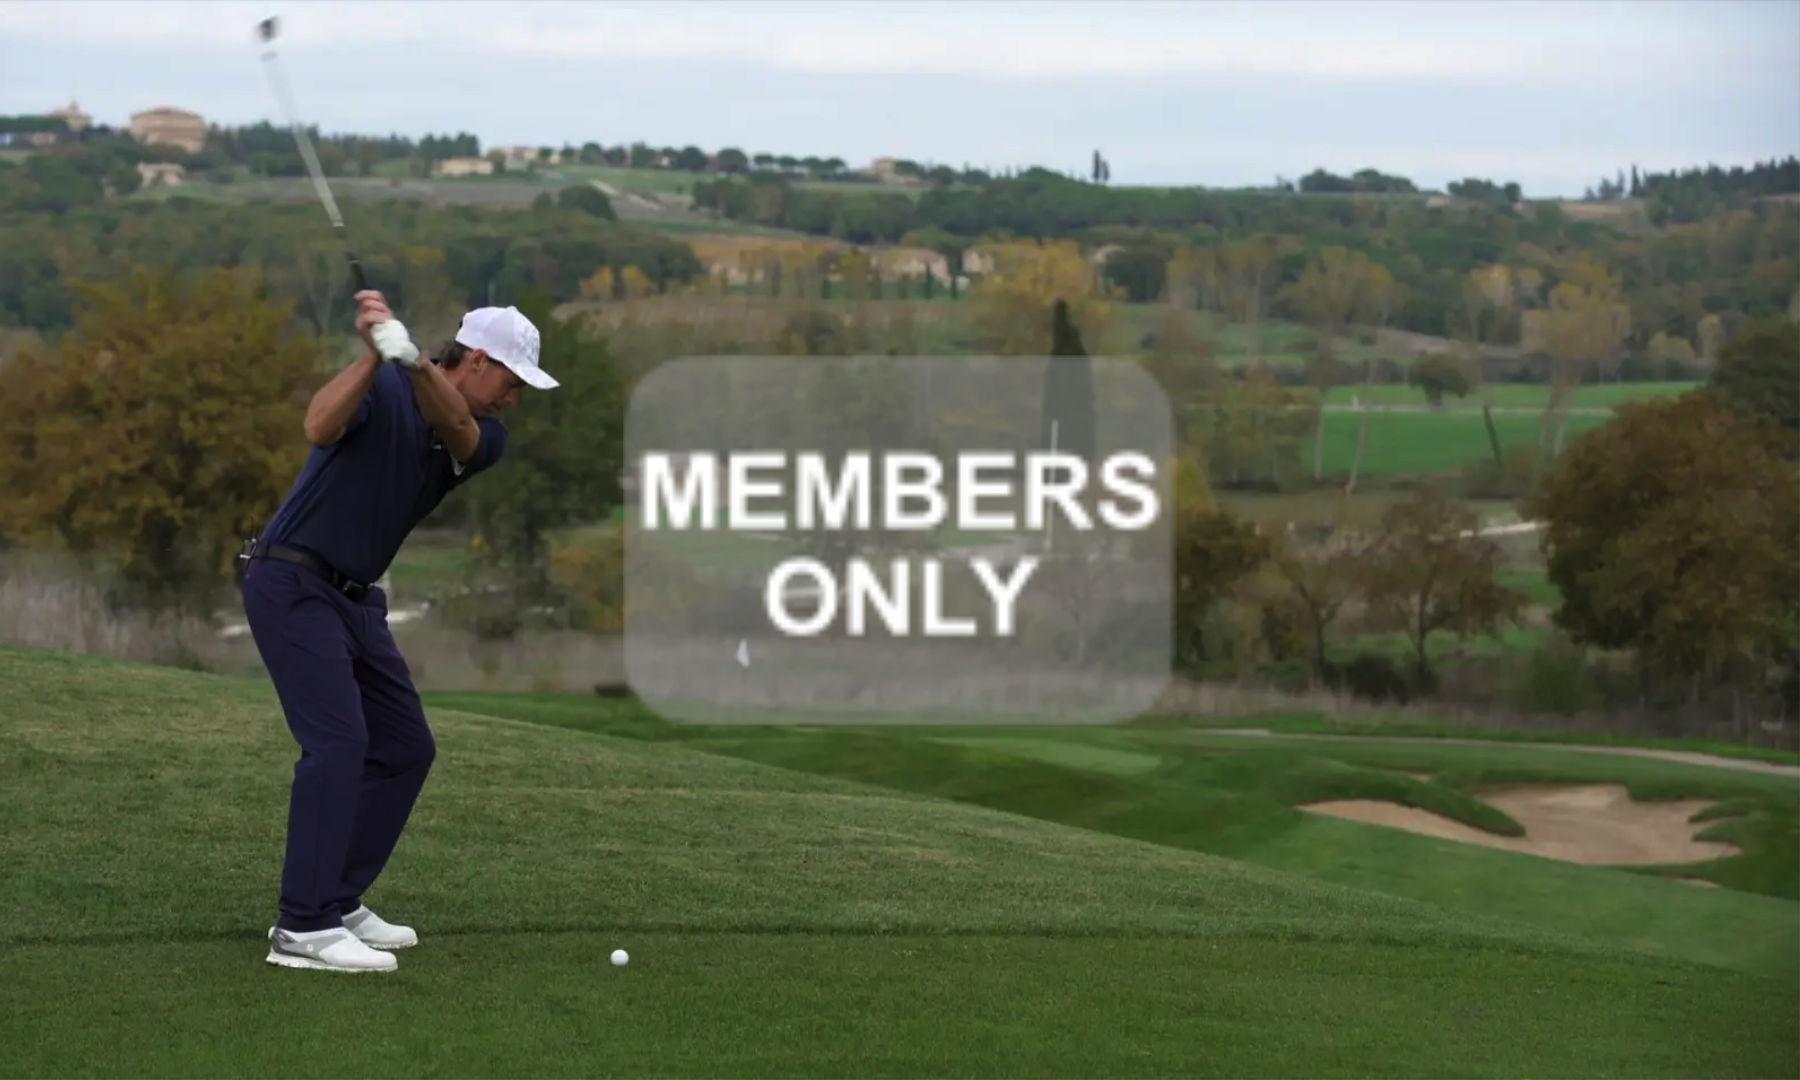 Schlaglänge am Turniertag - Besser Golf spielen im Turnier